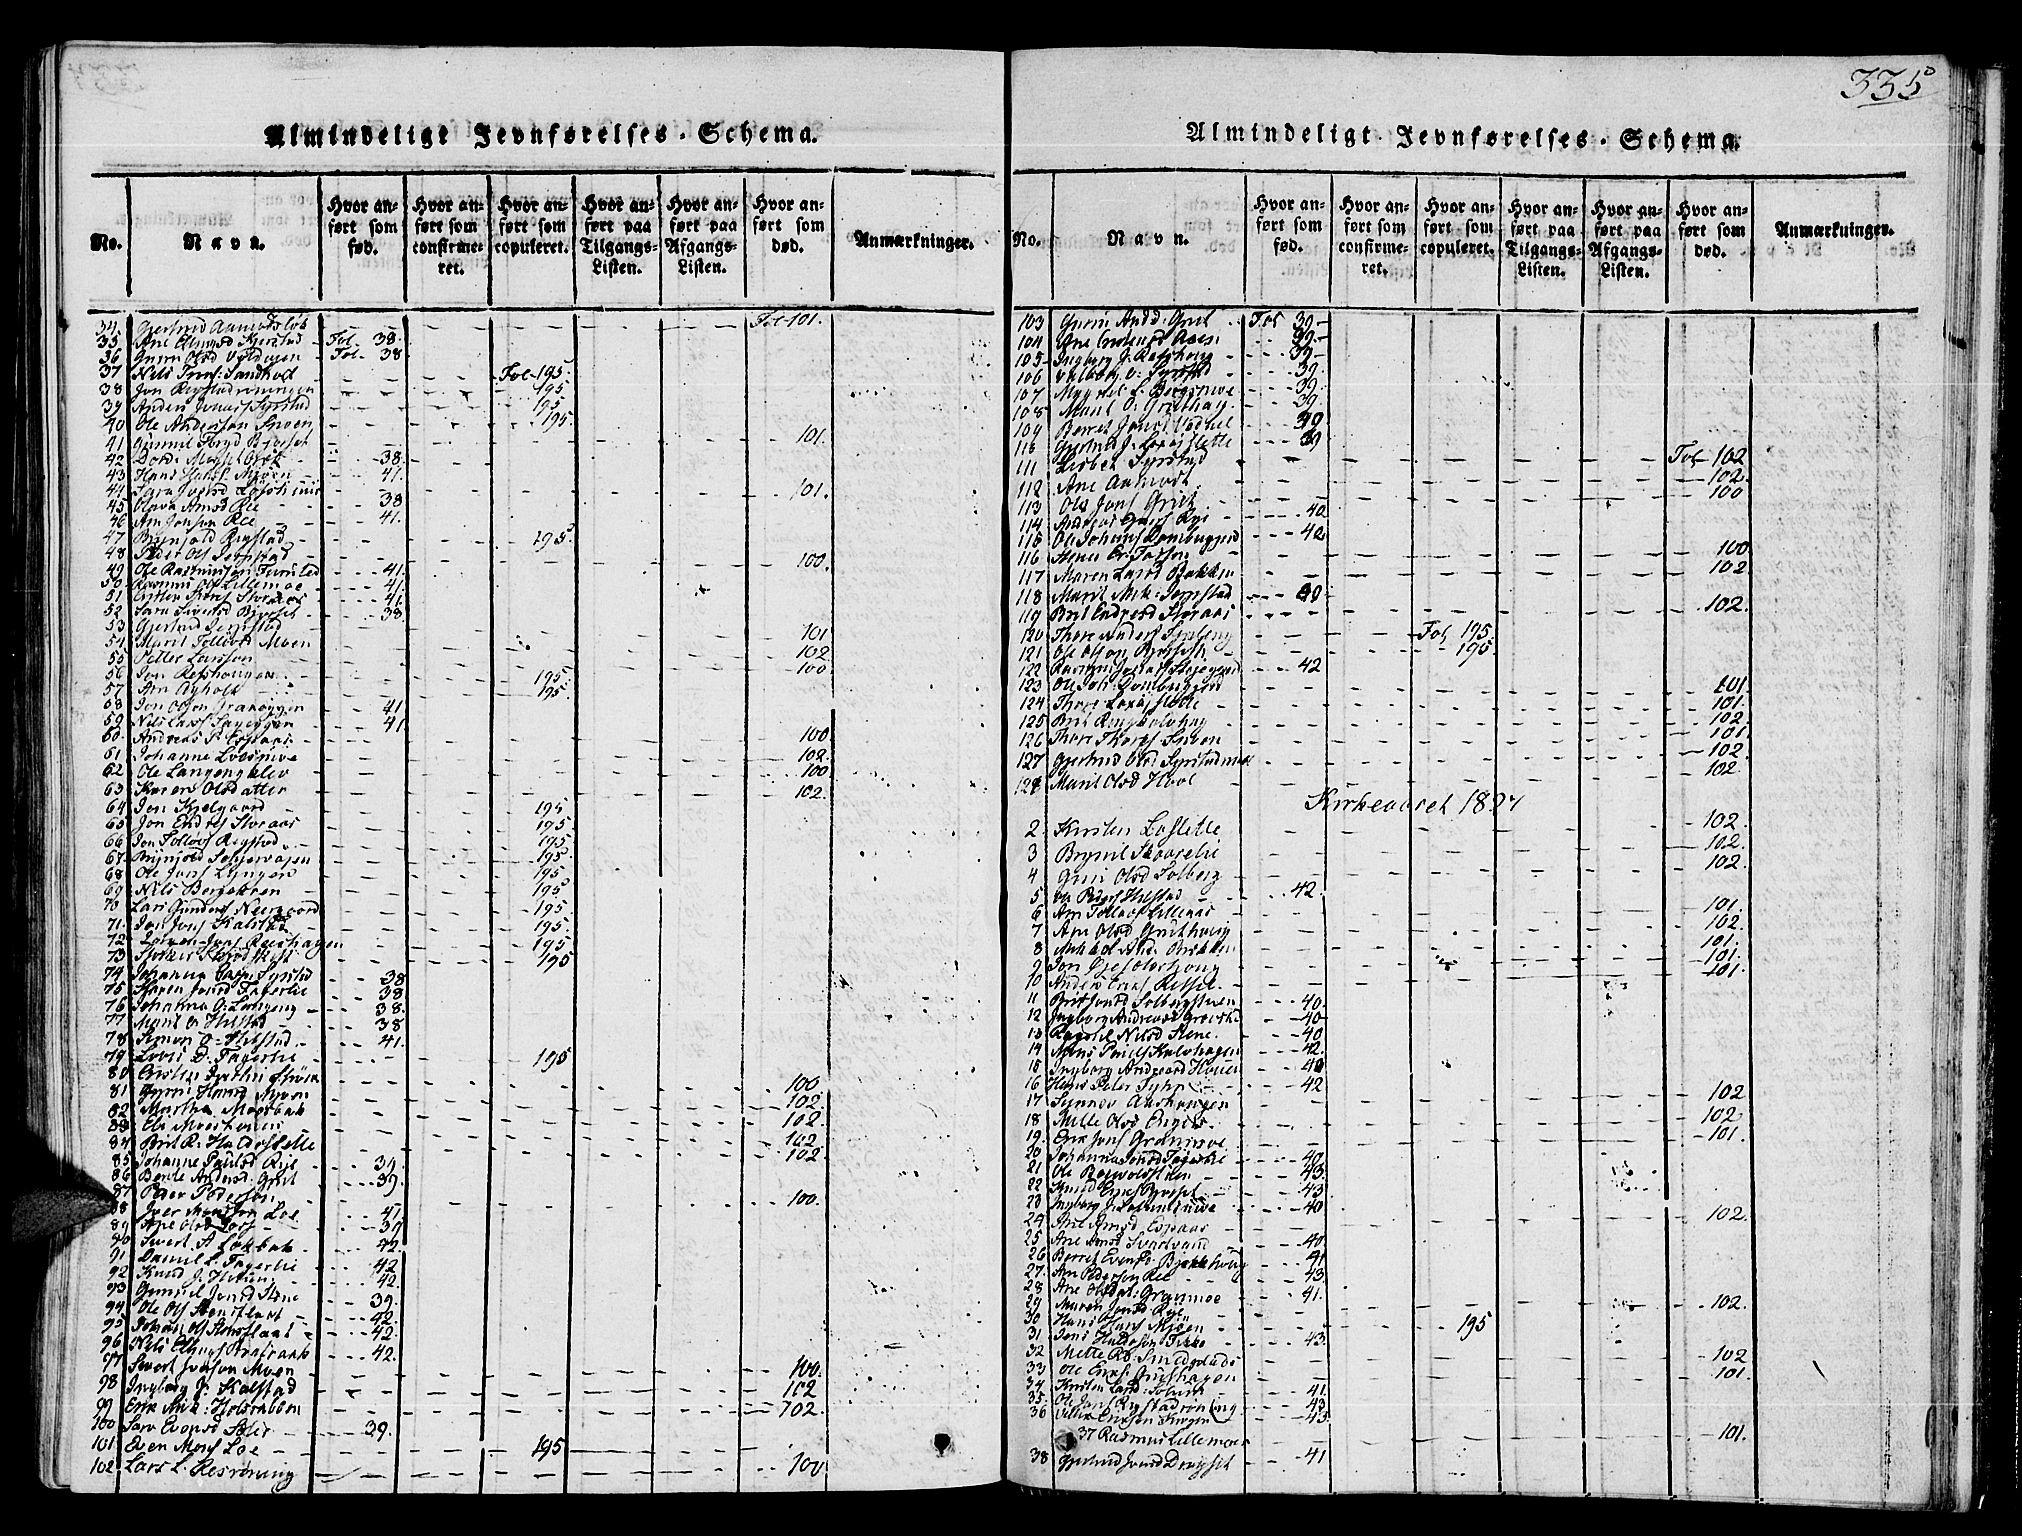 SAT, Ministerialprotokoller, klokkerbøker og fødselsregistre - Sør-Trøndelag, 672/L0853: Ministerialbok nr. 672A06 /1, 1816-1829, s. 335